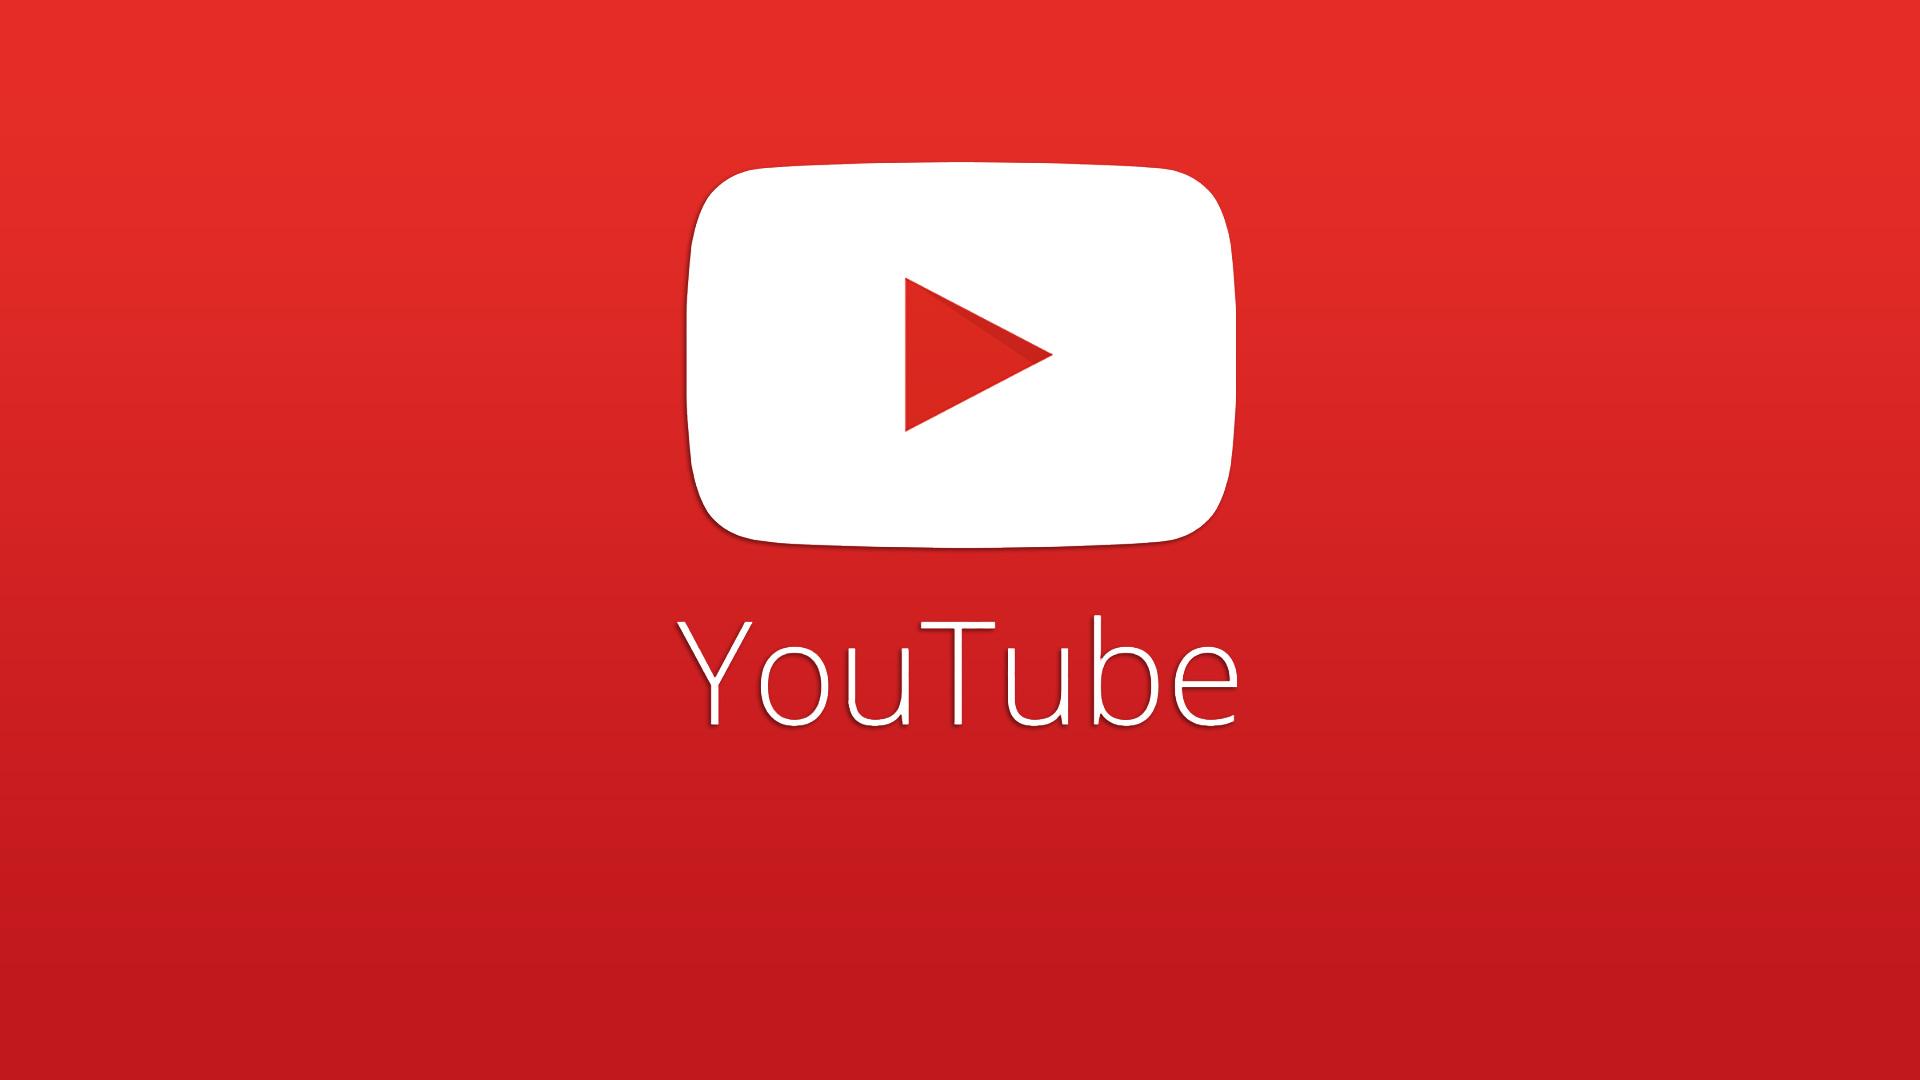 Yotuber Nasıl Olunur, Youtuber Olma Yöntemleri, 2021'de Youtuber Olma Yöntemleri